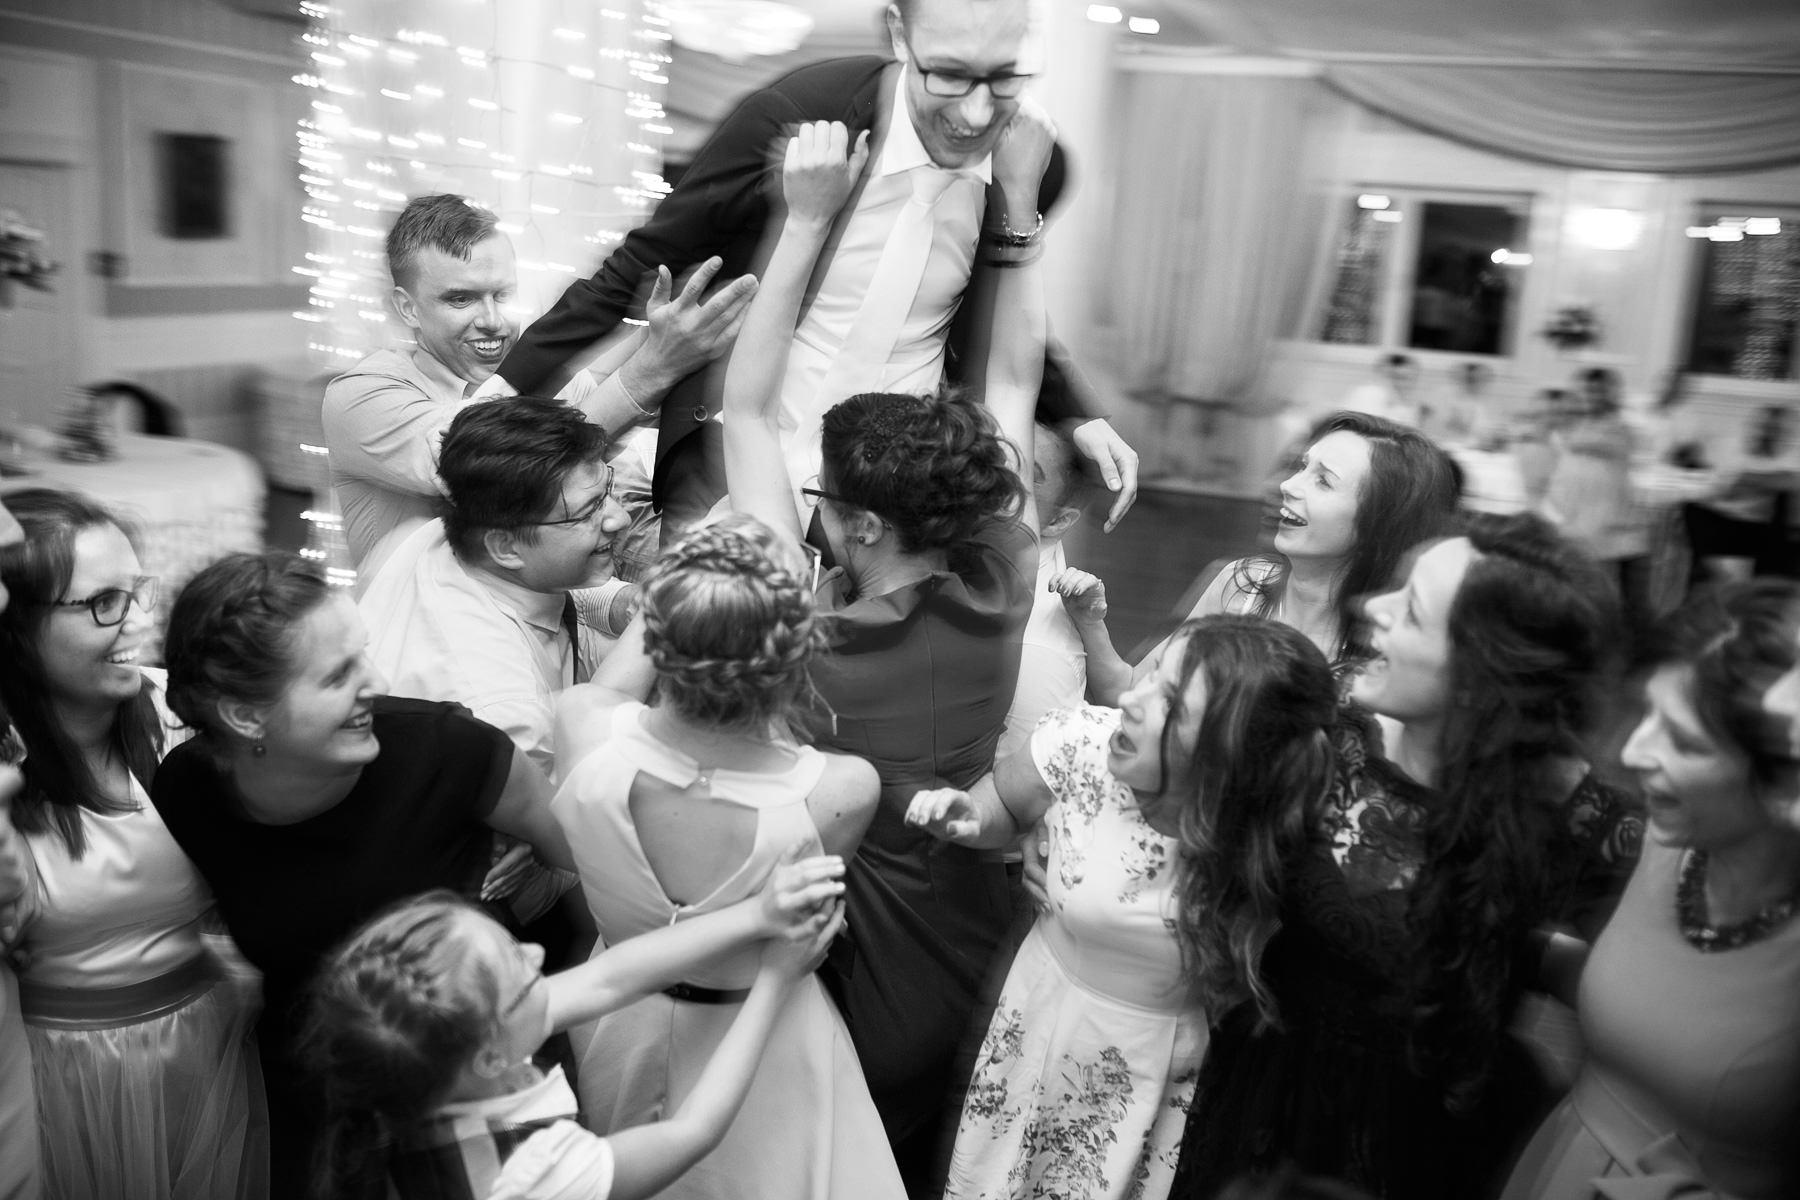 fotograf slub bielsko biala ania maciej 149 - Ślub w Bielsku-Białej - ANIA & MACIEJ